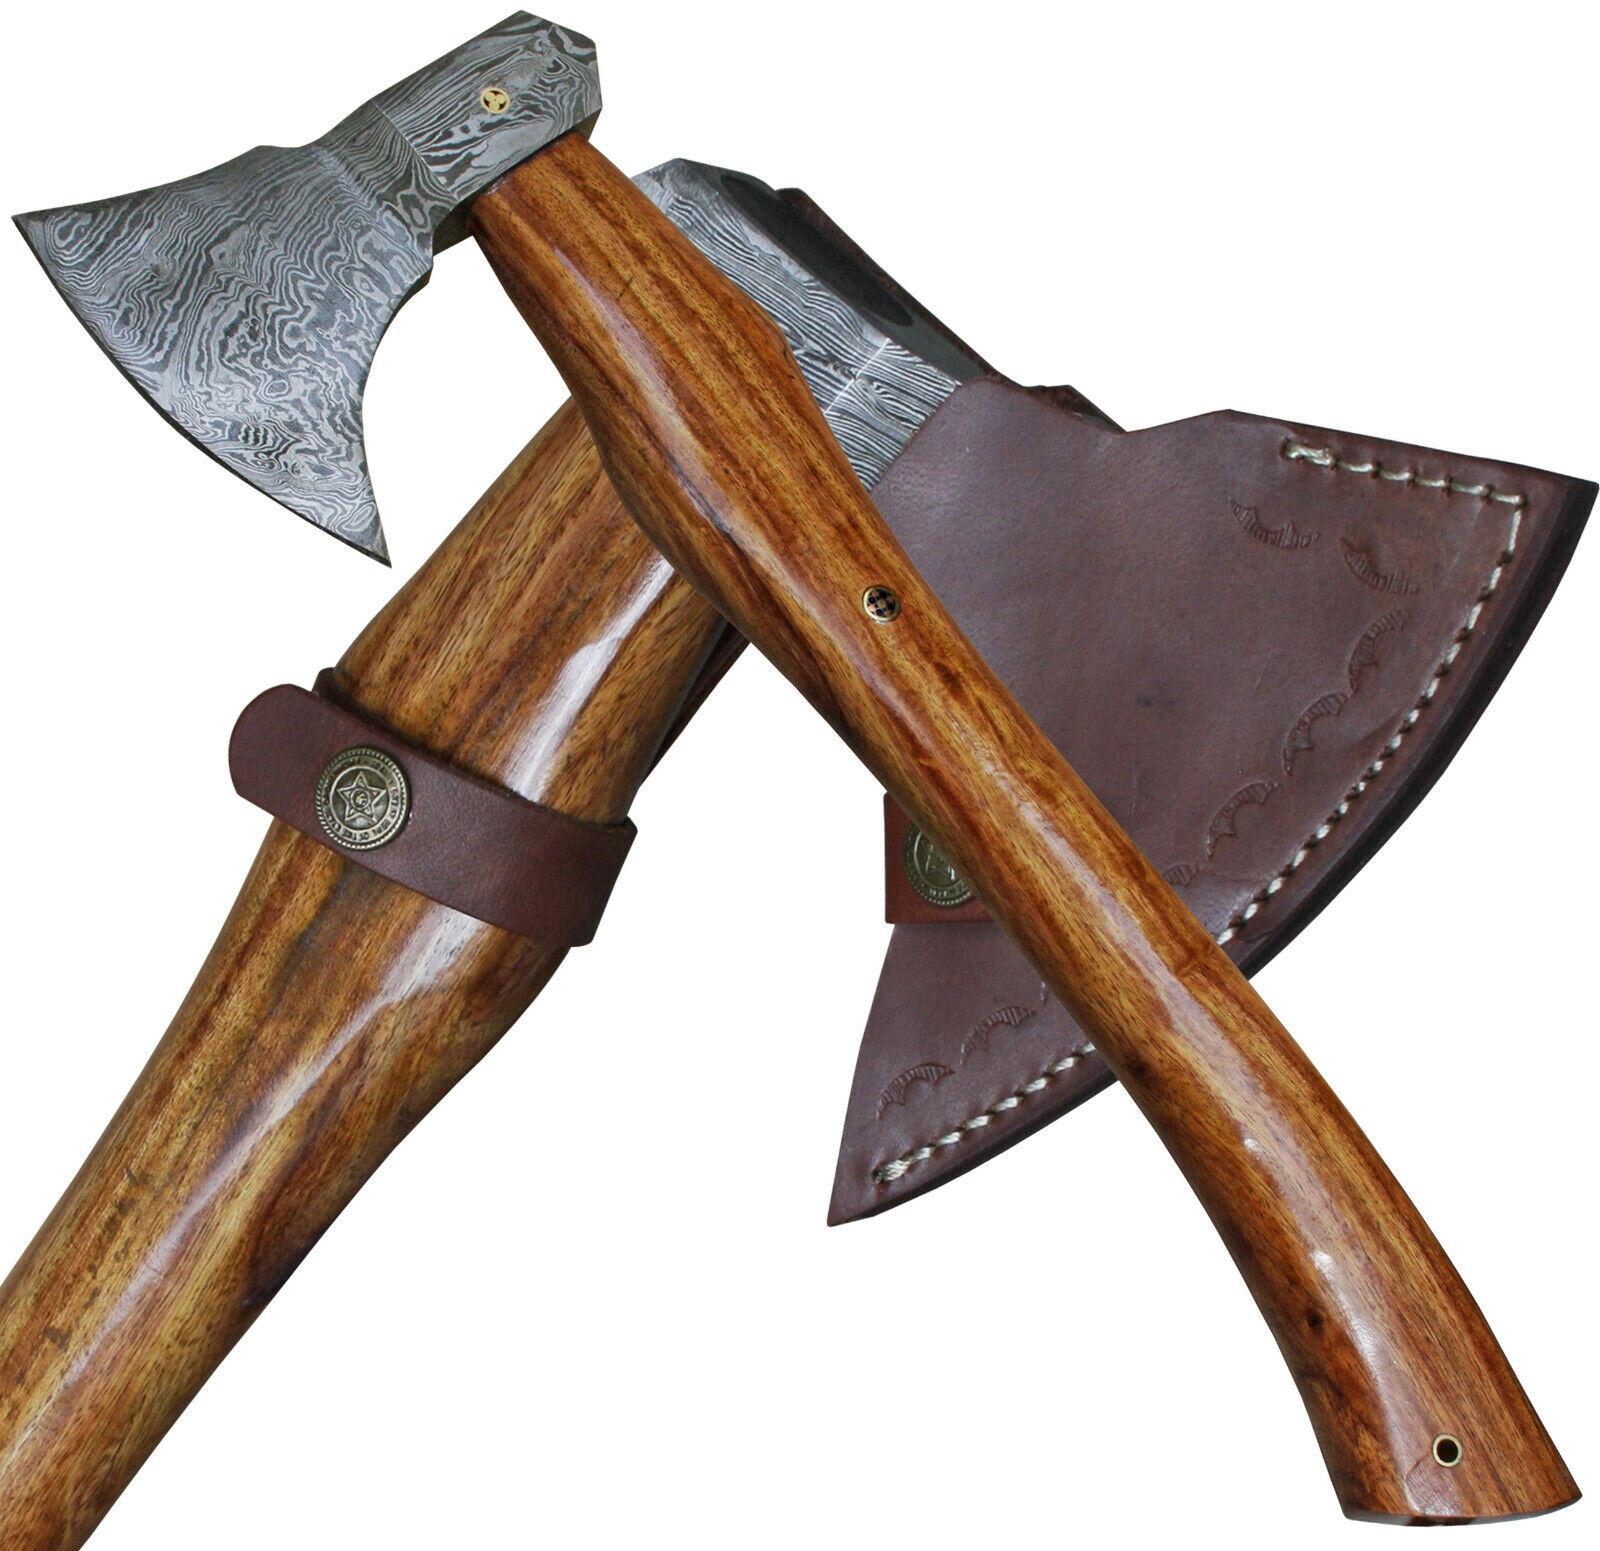 Haller kräftige Axt mit Damastblatt geschwungener Holzgriff inkl. Lederscheide